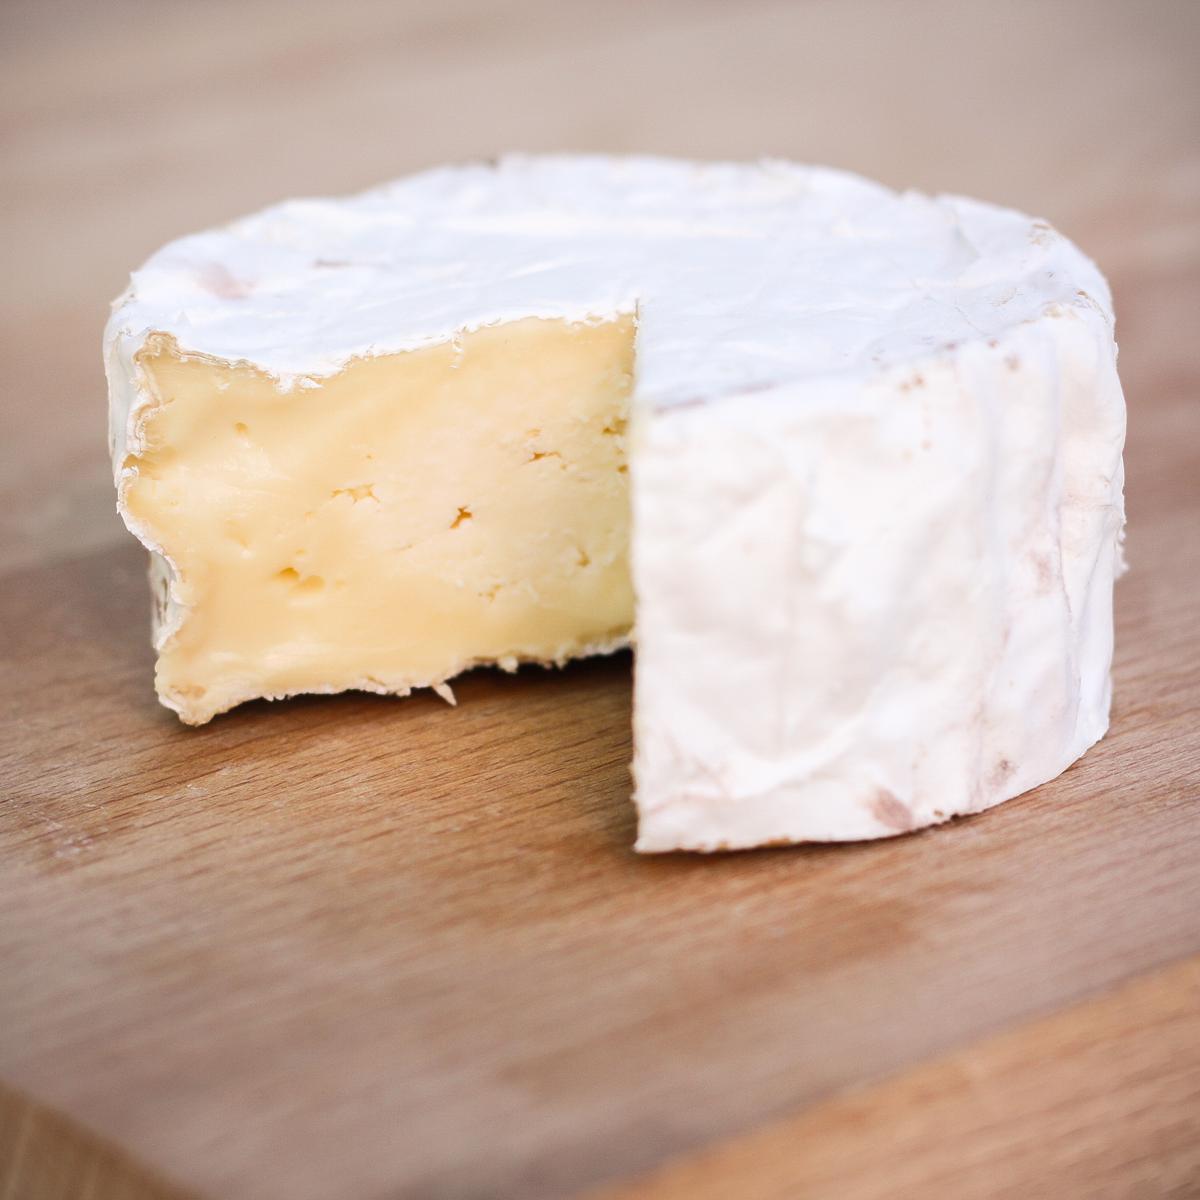 Durham Camembert